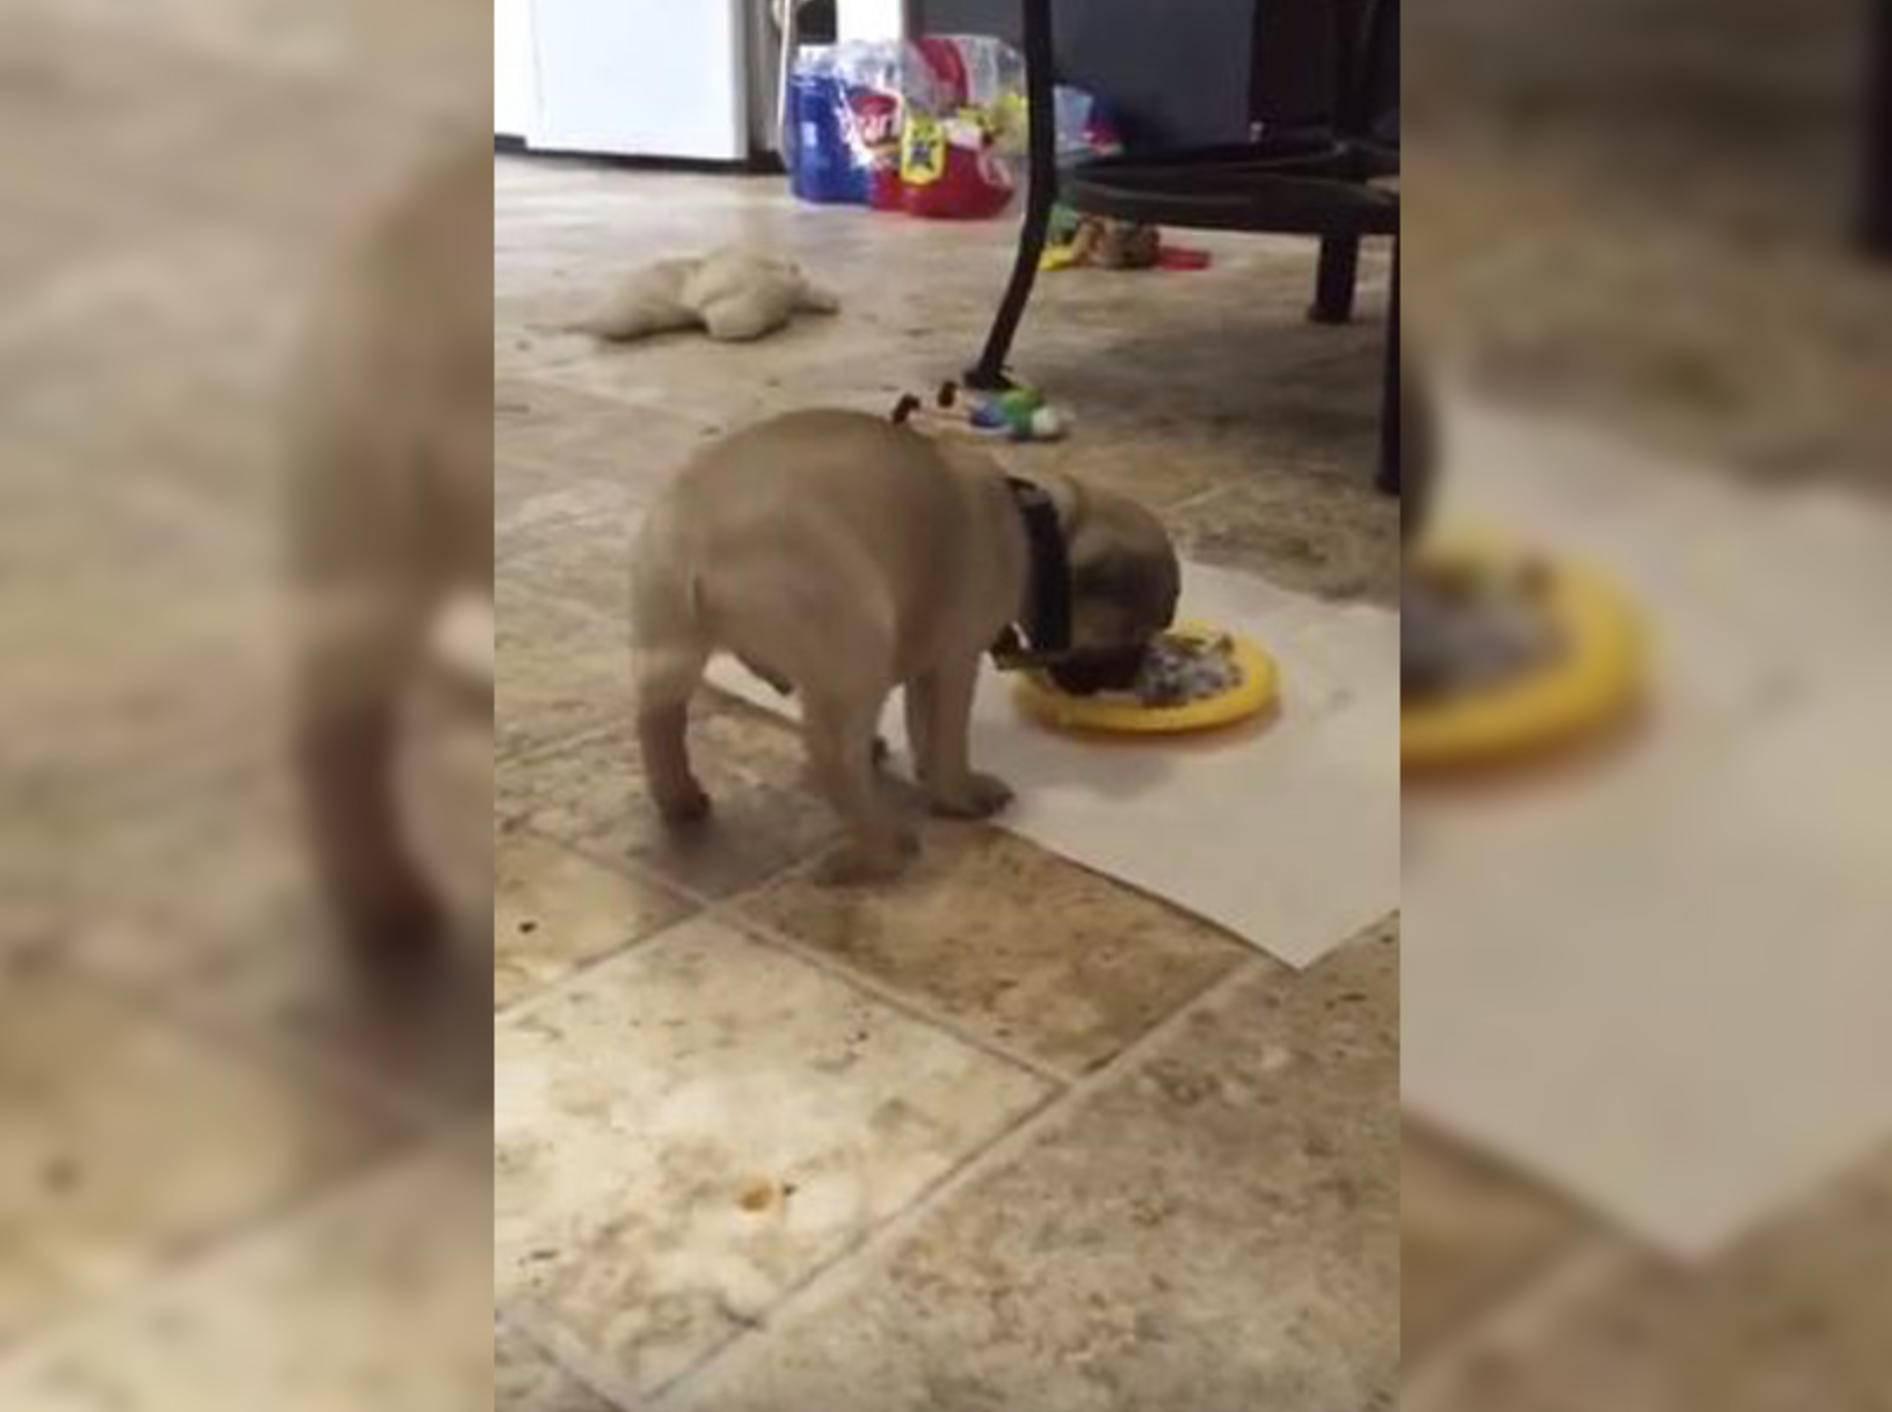 Dieser Hund hebt beim Fressen ab, im wahrsten Sinne des Wortes – Bild: YouTube / LautLachenTV